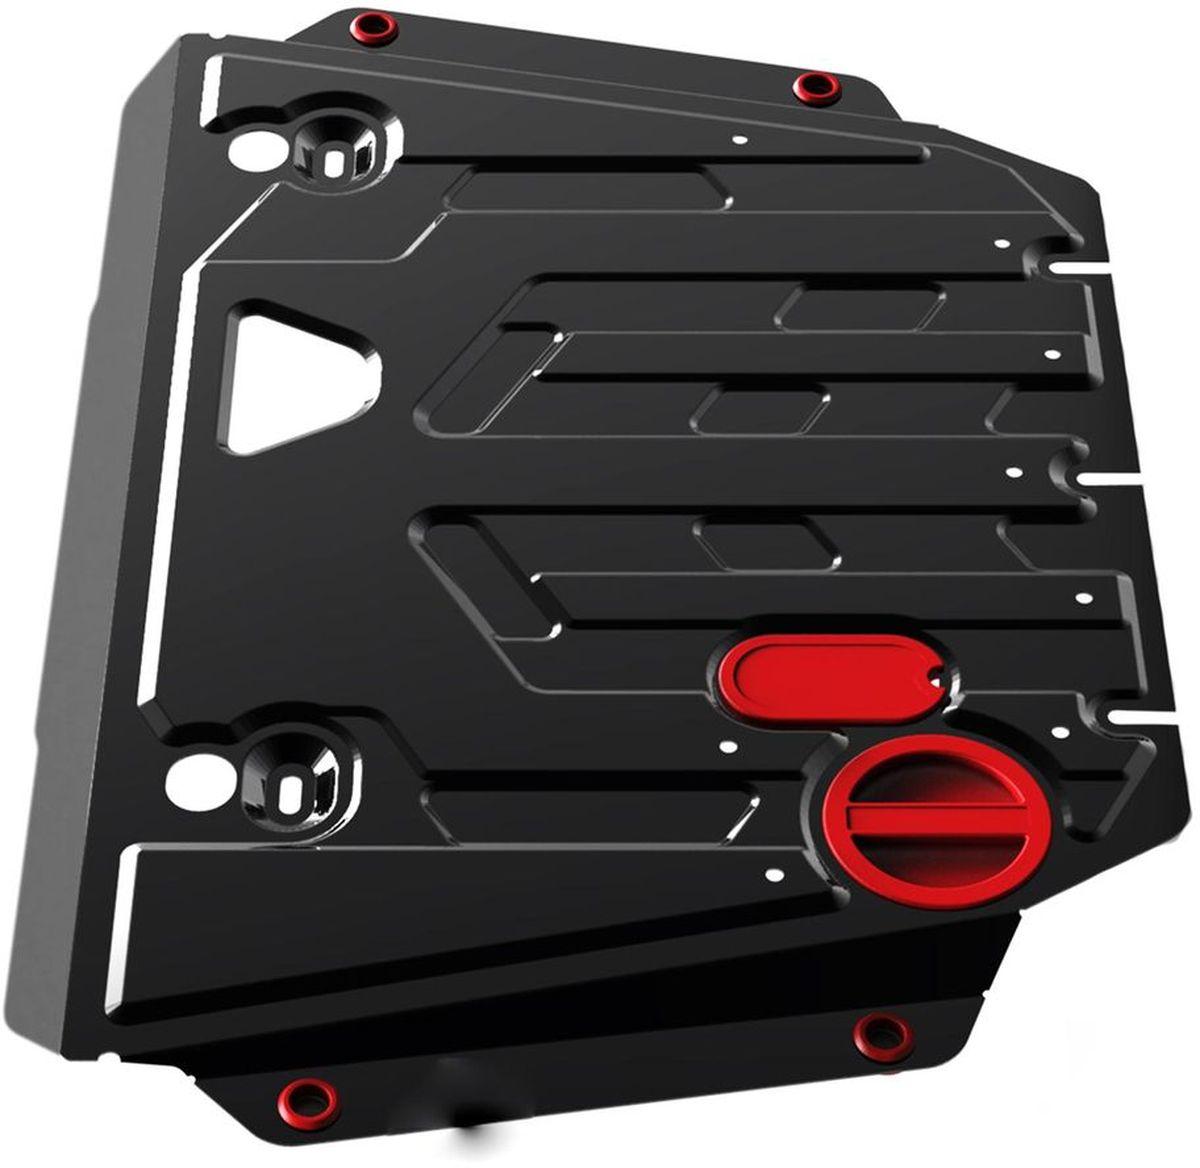 Защита картера и КПП Автоброня Kia Sorento 2009-2011, сталь 2 мм111.02811.1Защита картера и КПП Автоброня Kia Sorento, V -2,2D; 2,4 2009-2011, сталь 2 мм, комплект крепежа, 111.02811.1Стальные защиты Автоброня надежно защищают ваш автомобиль от повреждений при наезде на бордюры, выступающие канализационные люки, кромки поврежденного асфальта или при ремонте дорог, не говоря уже о загородных дорогах.- Имеют оптимальное соотношение цена-качество.- Спроектированы с учетом особенностей автомобиля, что делает установку удобной.- Защита устанавливается в штатные места кузова автомобиля.- Является надежной защитой для важных элементов на протяжении долгих лет.- Глубокий штамп дополнительно усиливает конструкцию защиты.- Подштамповка в местах крепления защищает крепеж от срезания.- Технологические отверстия там, где они необходимы для смены масла и слива воды, оборудованные заглушками, закрепленными на защите.Толщина стали 2 мм.В комплекте крепеж и инструкция по установке.Уважаемые клиенты!Обращаем ваше внимание на тот факт, что защита имеет форму, соответствующую модели данного автомобиля. Наличие глубокого штампа и лючков для смены фильтров/масла предусмотрено не на всех защитах. Фото служит для визуального восприятия товара.